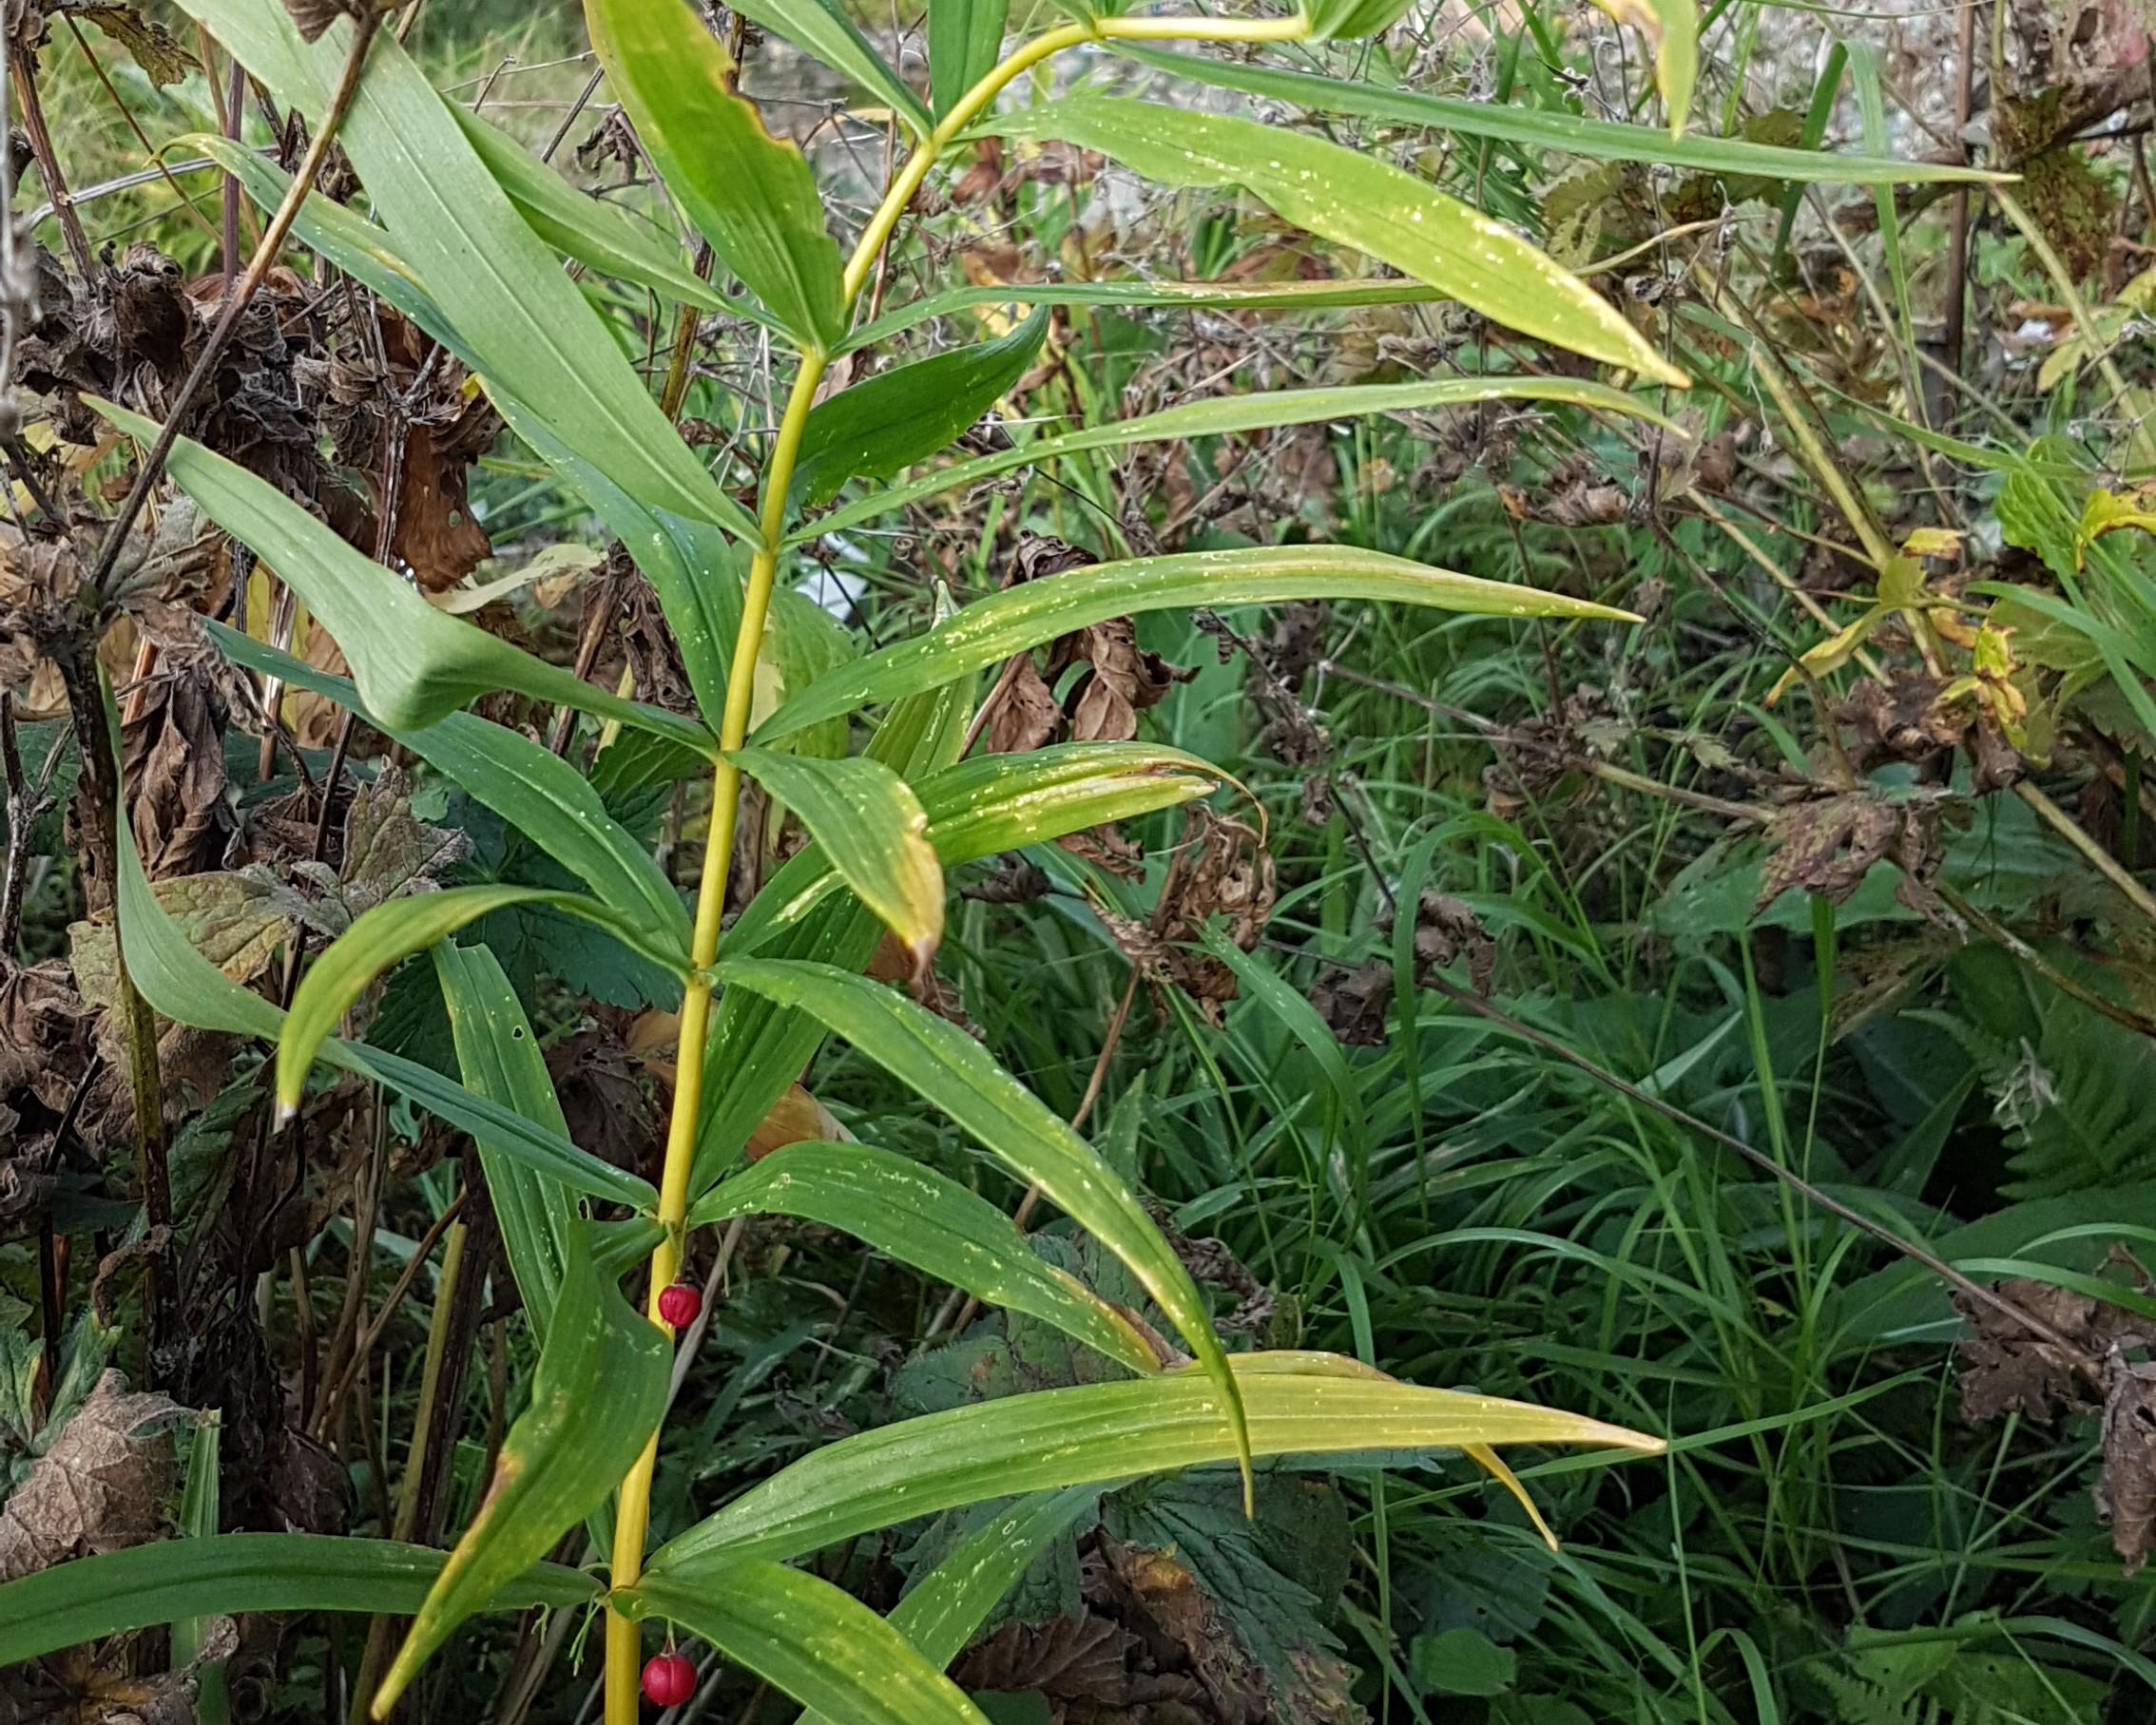 Nåleformede grønne og gule blader som er  kransstilte